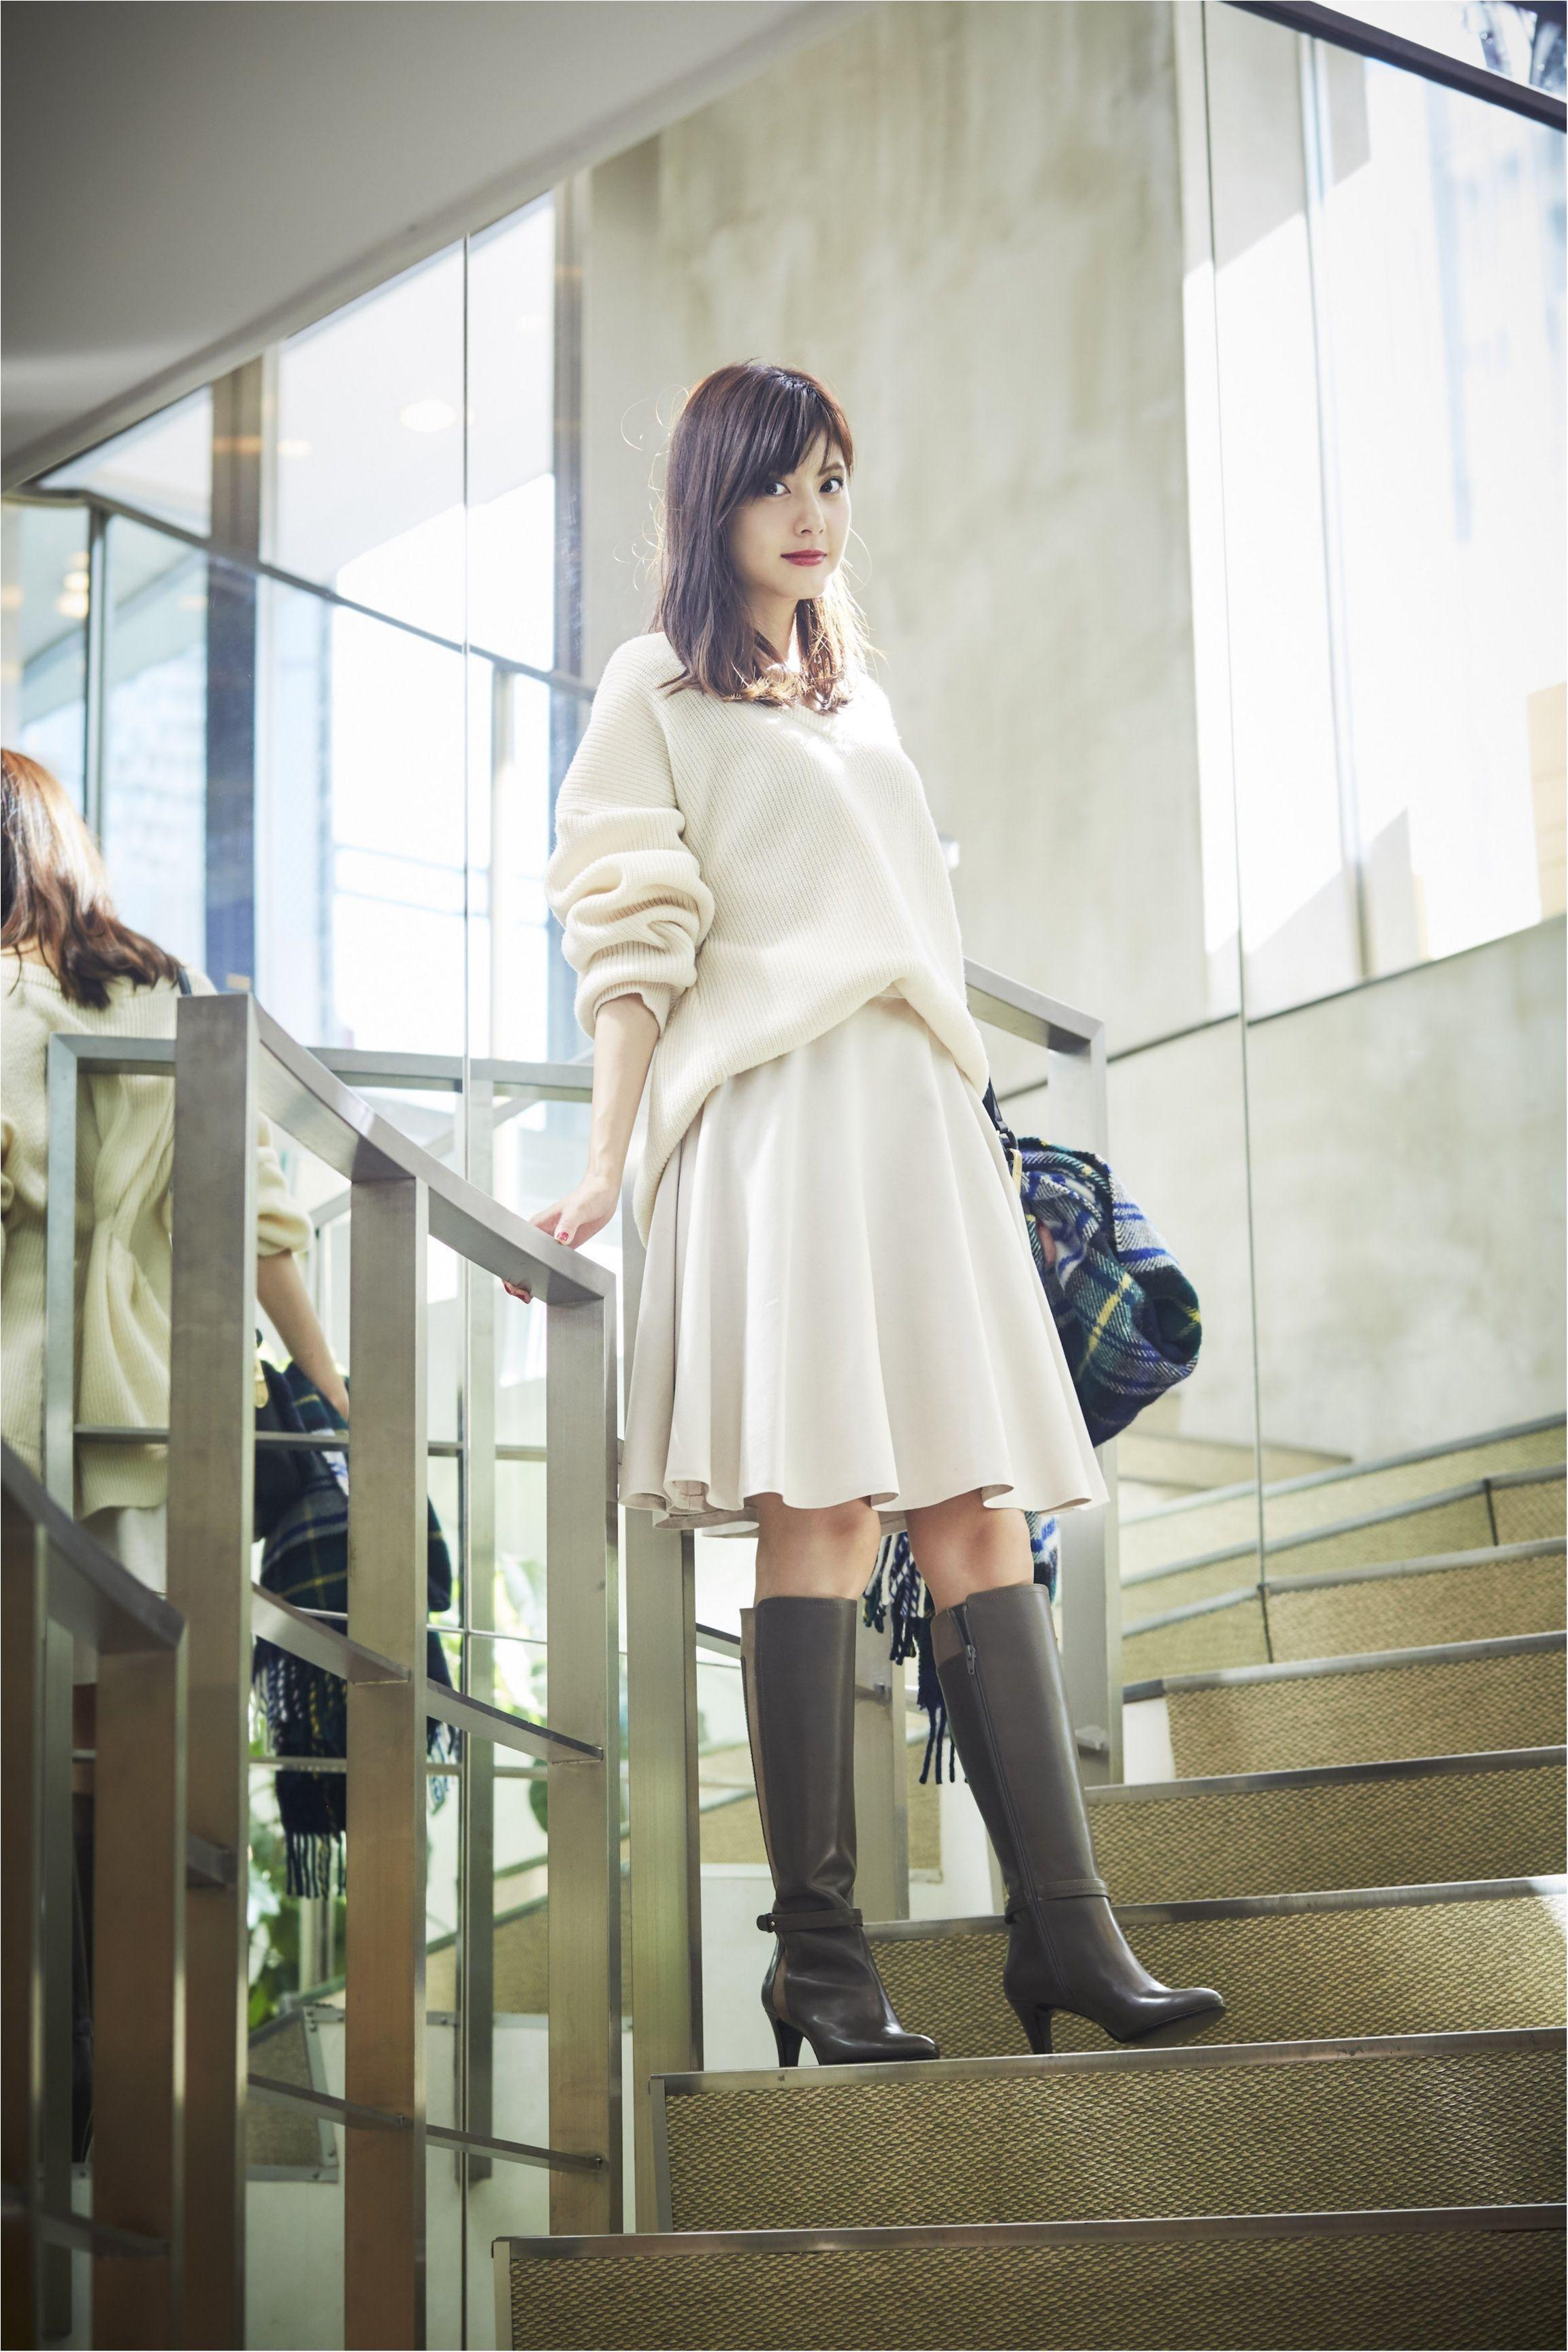 佐藤ありさ直伝 女子会もデートも 愛されフェミニンブーツ さえあれば ダイアナがanswer 秋冬編 その5 美しいアジア人女性 韓国スタイル ファッション